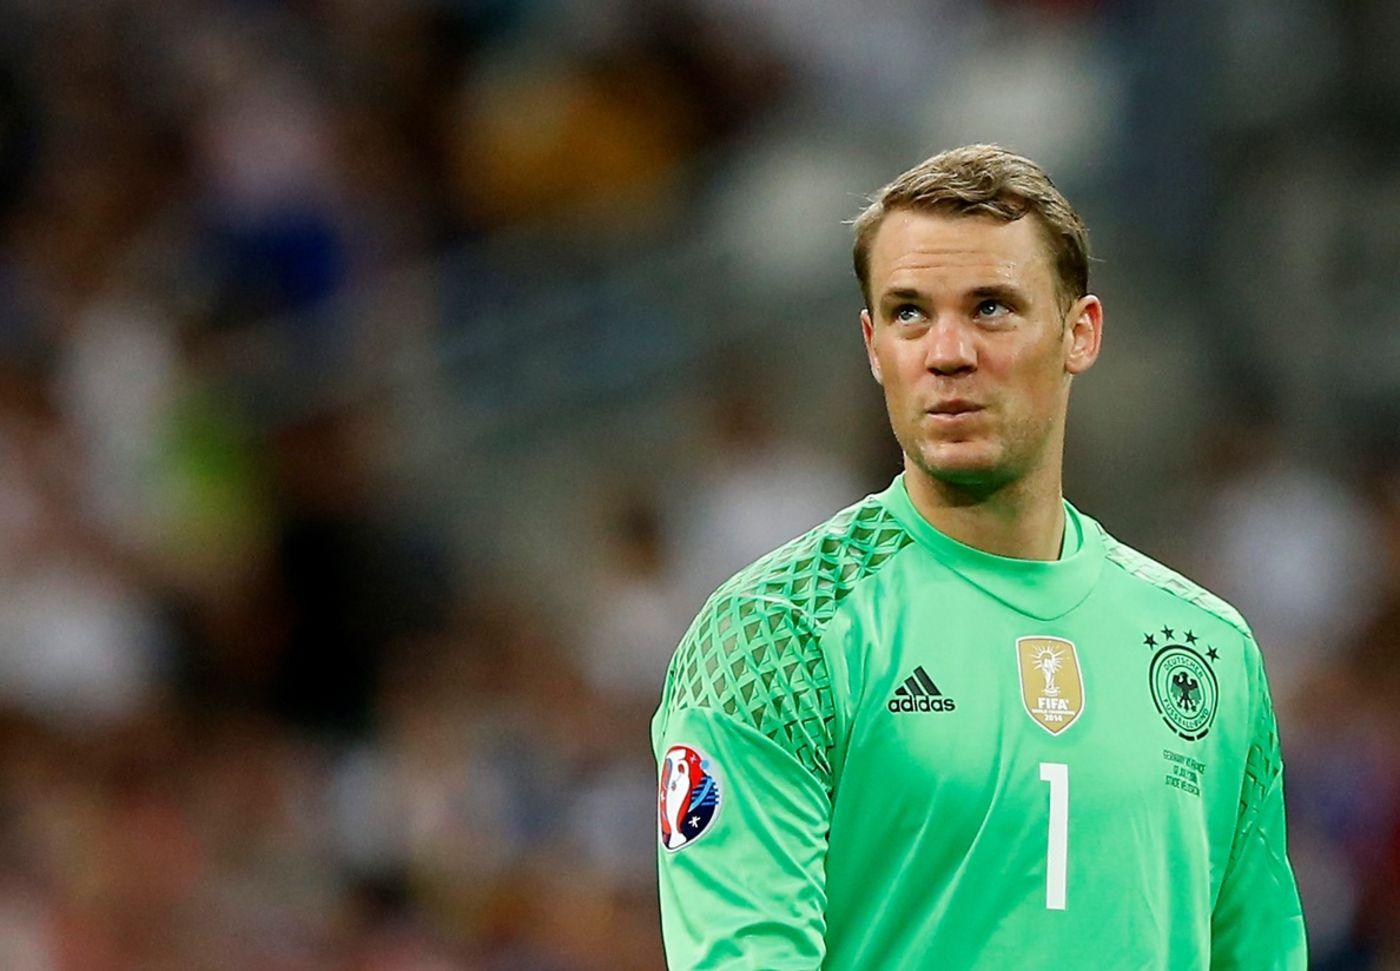 WM 2018: Bundestrainer Löw gibt finalen Kader bekannt